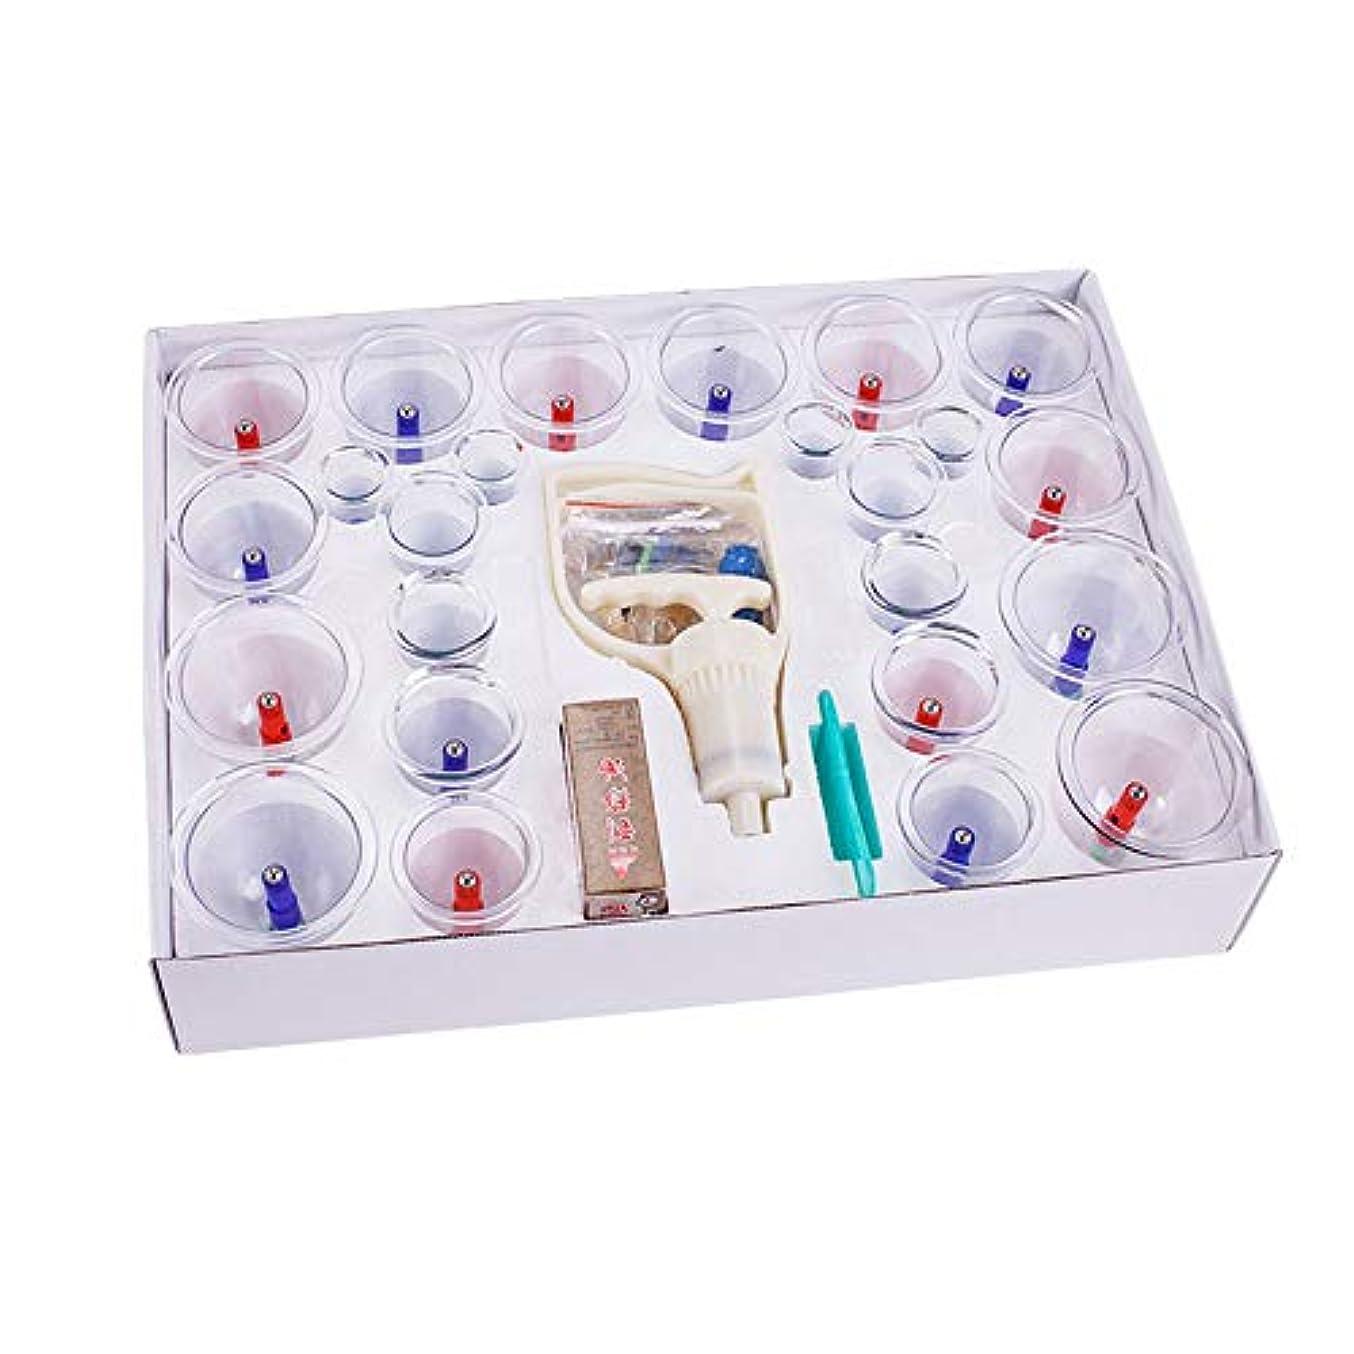 結婚便利プラカードカッピング装置 - 専門のカッピング治療装置24カップは、大人と高齢者に適したポンプと伸展チューブで設定 美しさ